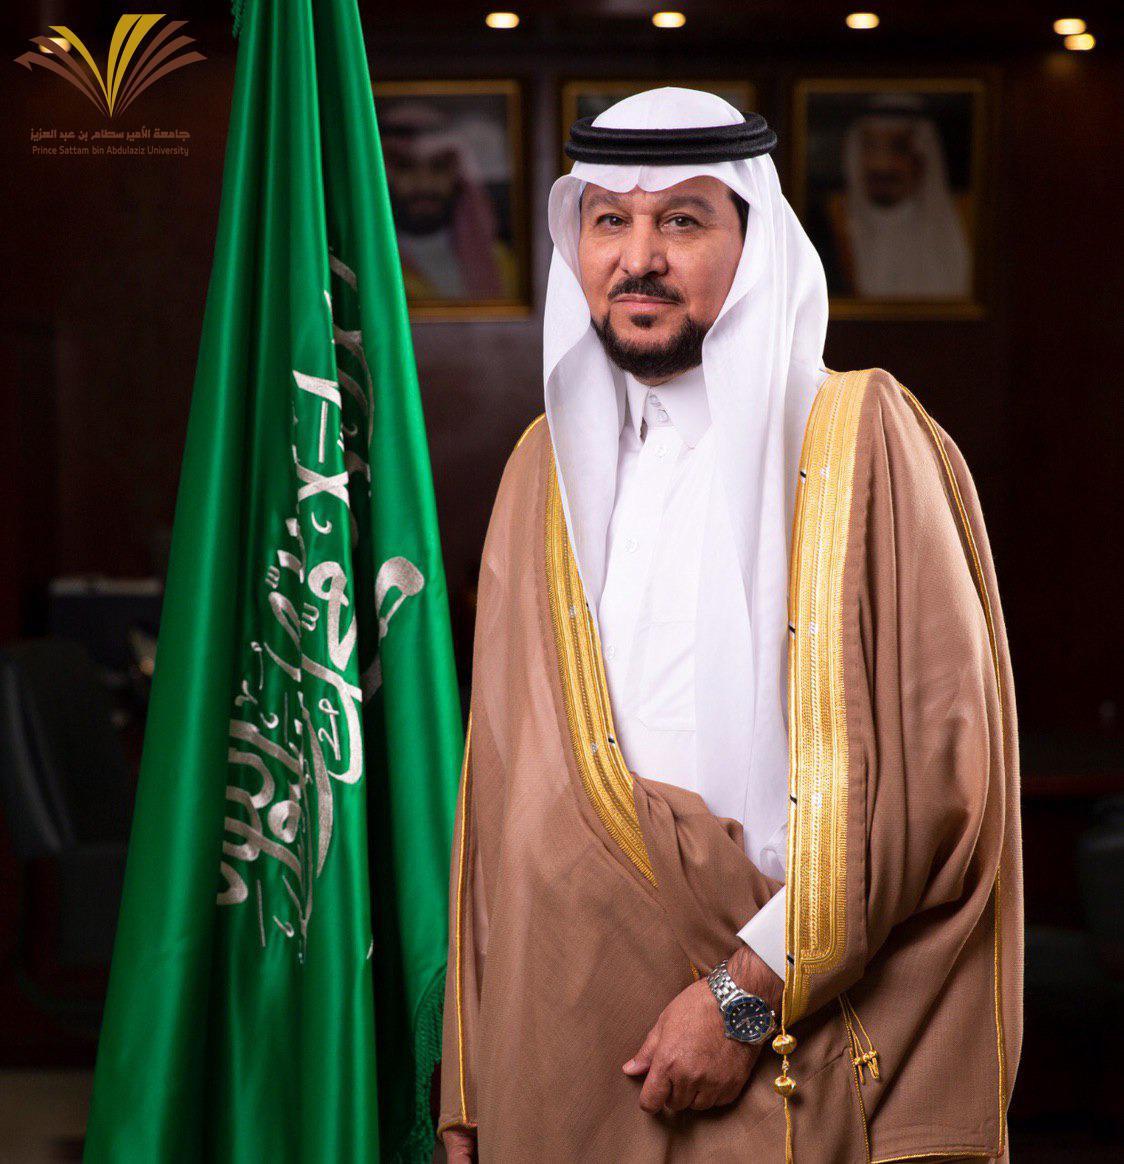 أ.د. عبد العزيز بن عبد الله الحامد مدير الجامعة